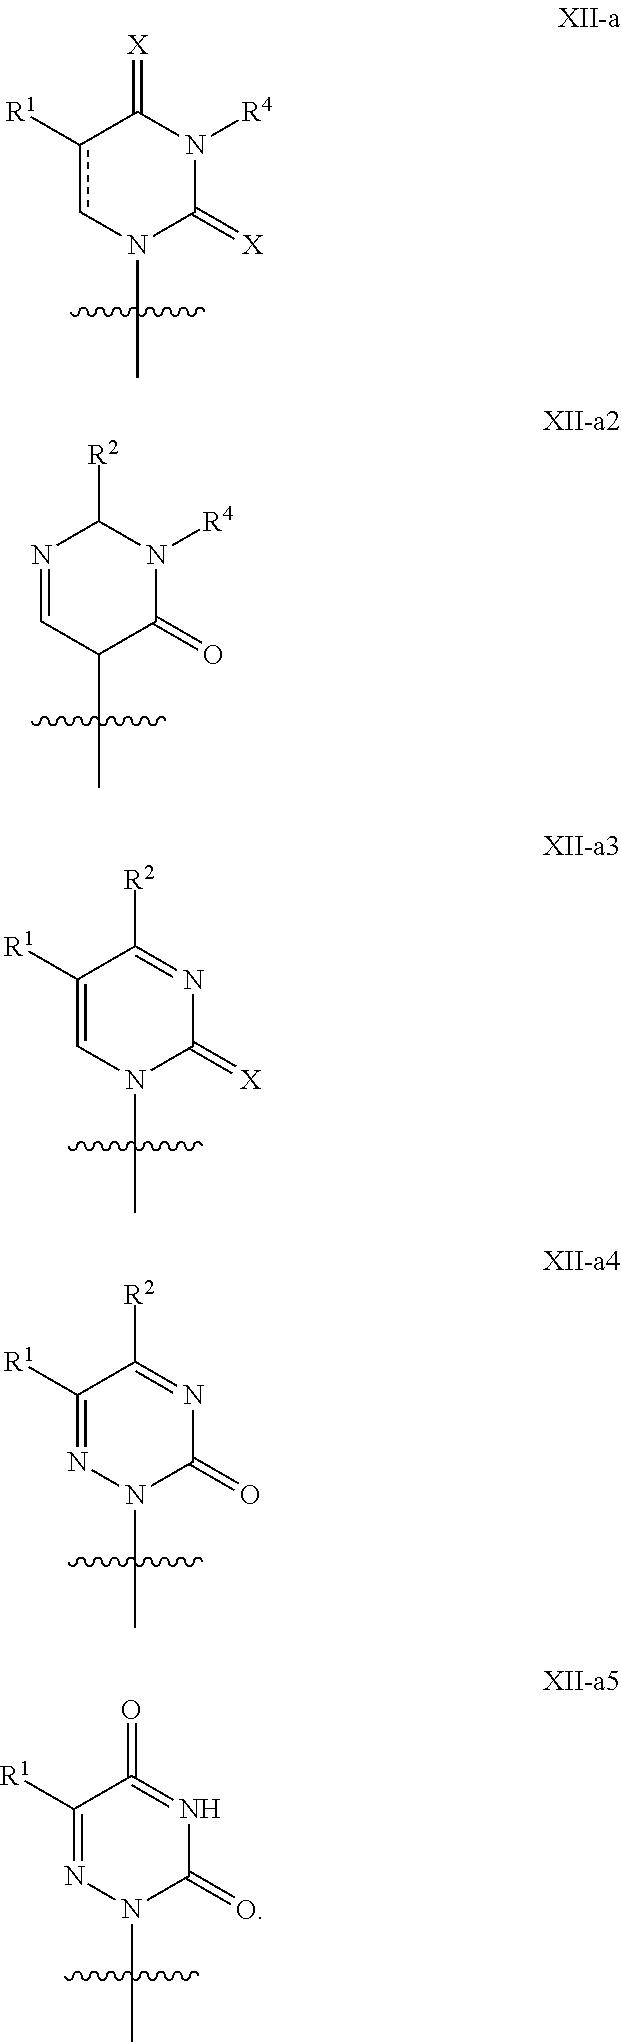 Figure US09428535-20160830-C00161